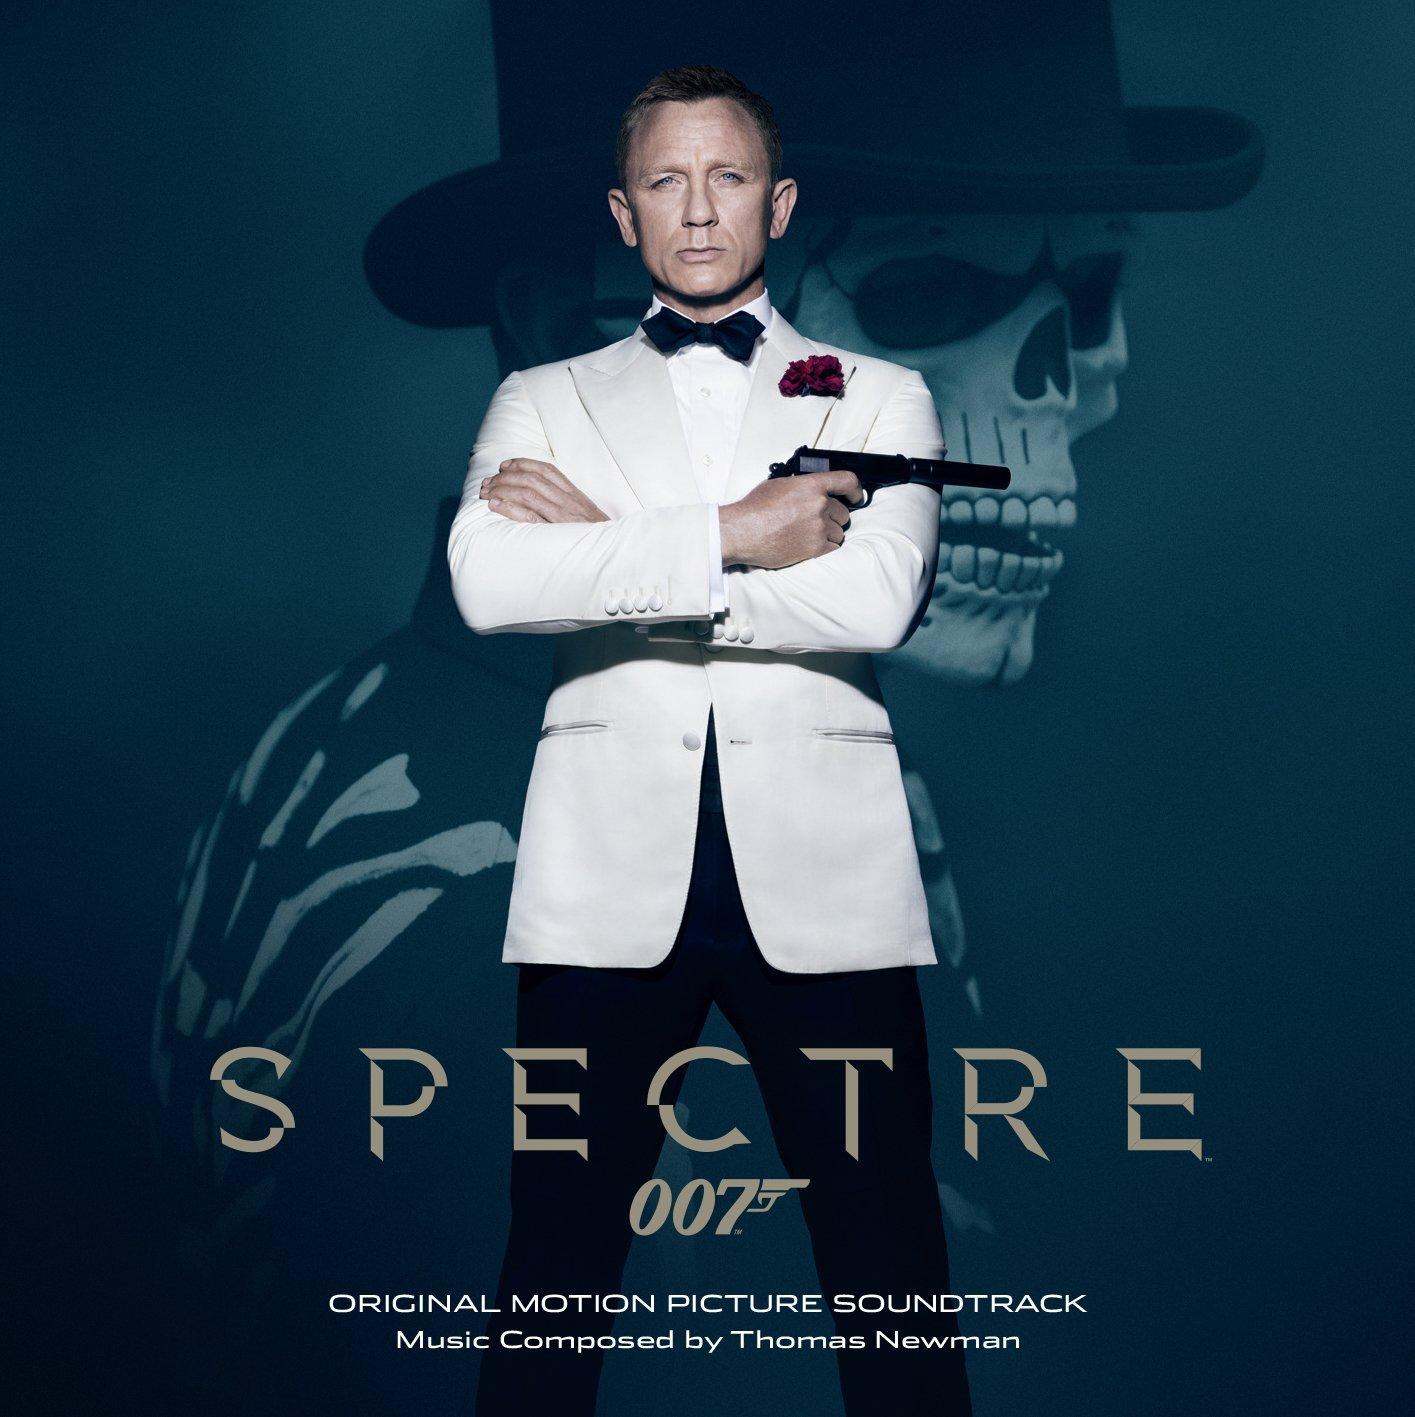 james bond spectre movie soundtrack